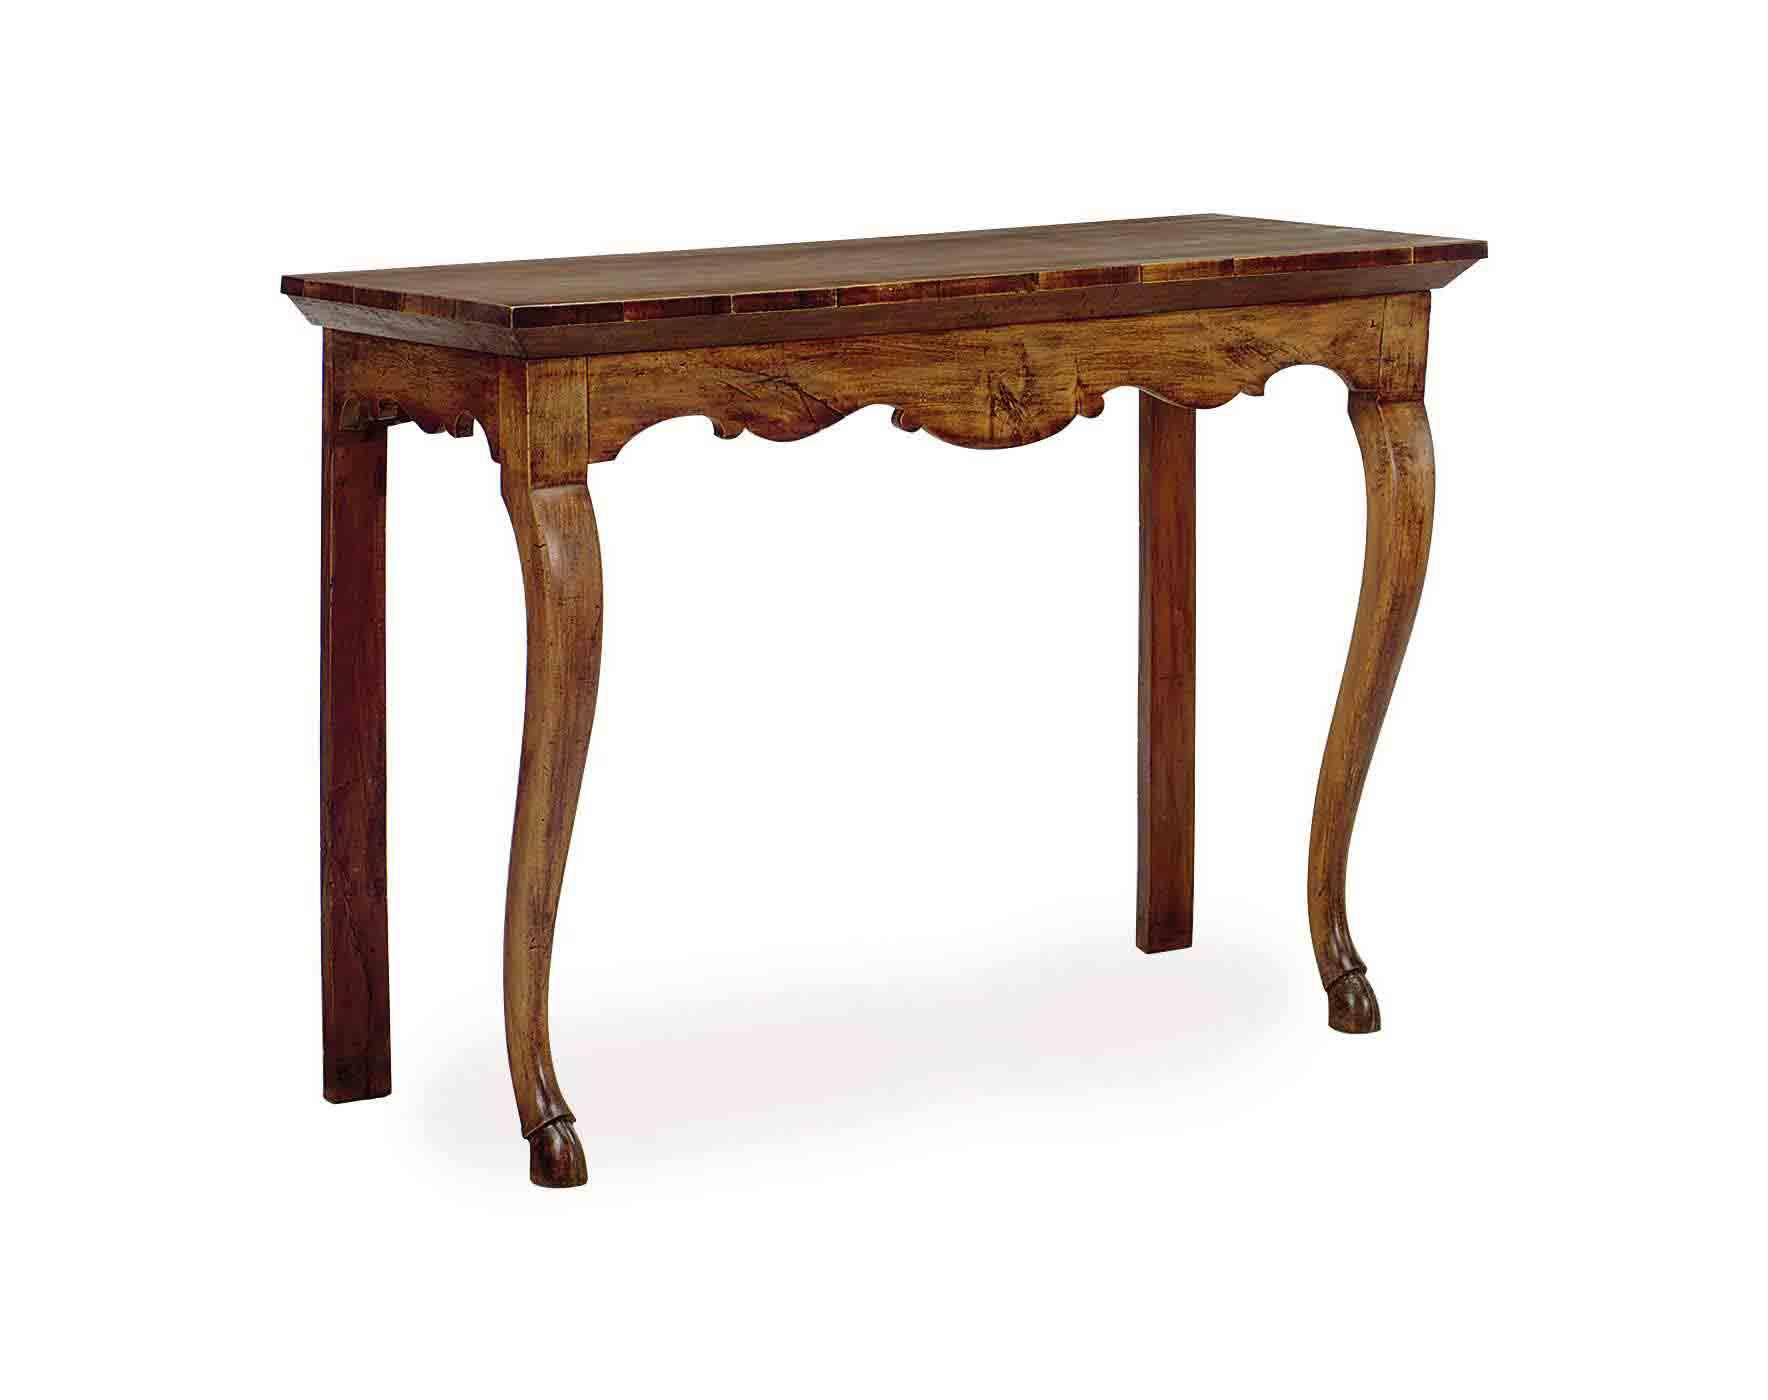 A CONTINENTAL WALNUT SIDE TABL